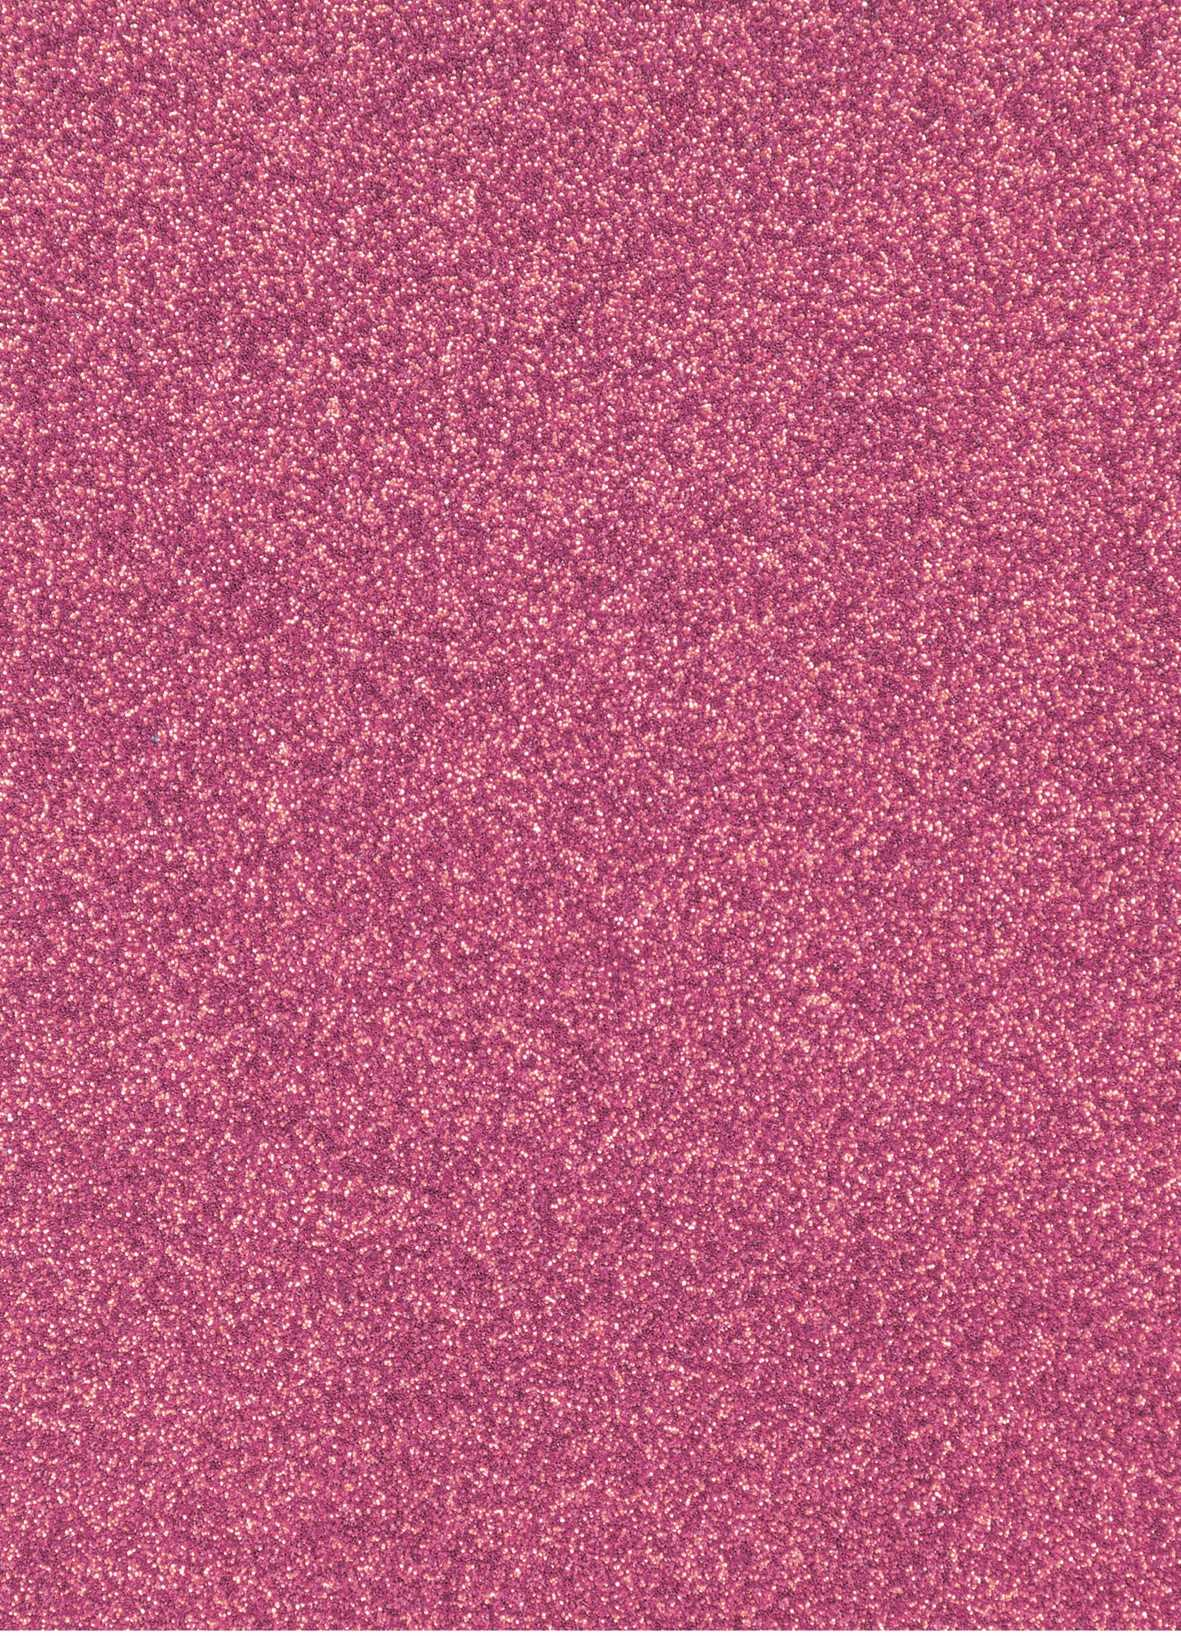 Planche de papier cartonné pailleté - 280g/cm2 - 20 x 30 cms - Rose